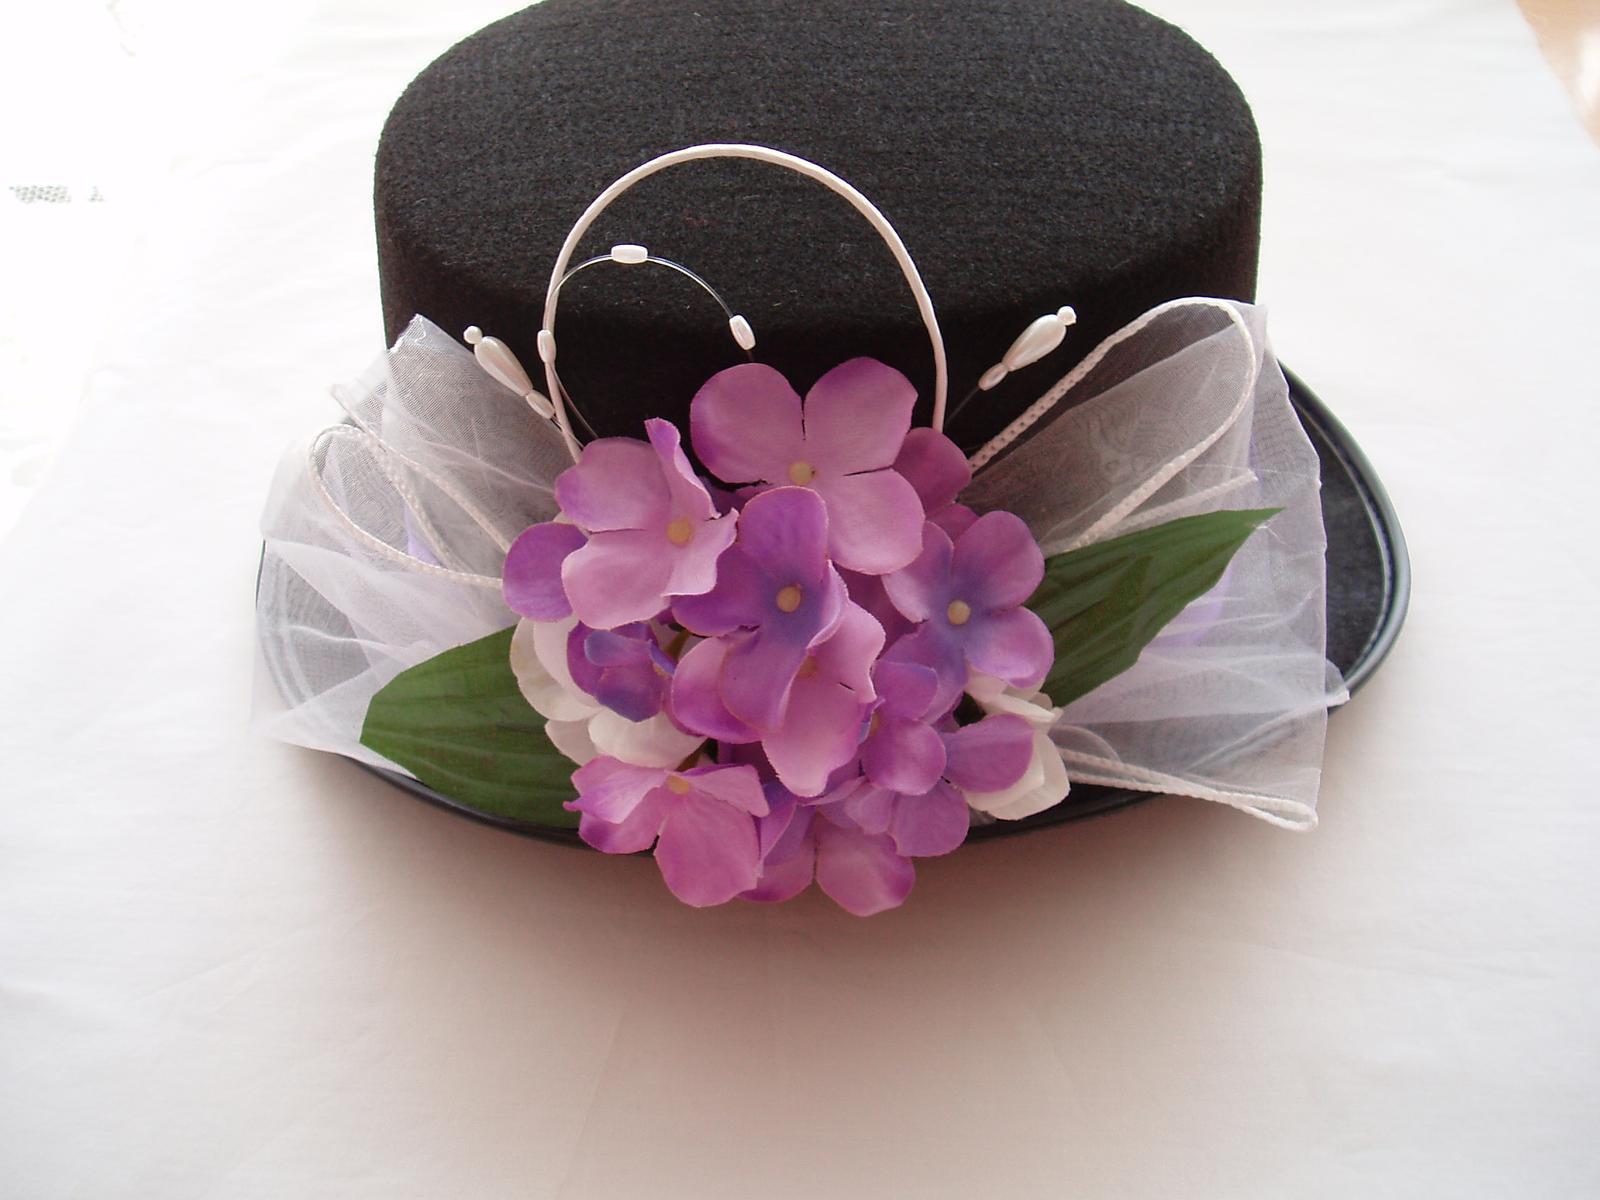 cylindr-fialové hortenzie - Obrázek č. 3